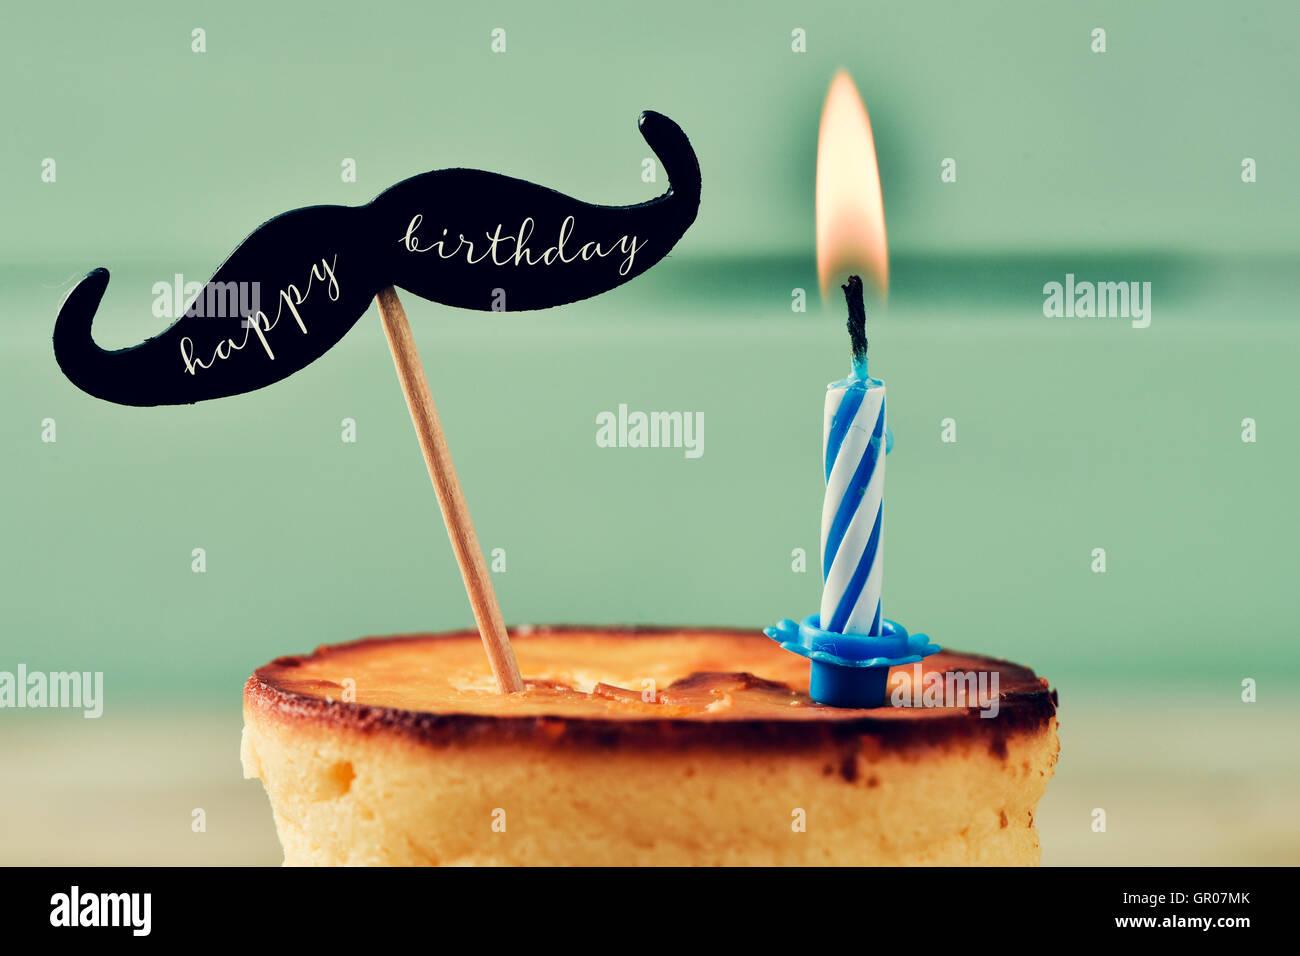 Libre d'un gâteau au fromage surmonté d'une moustache avec le texte joyeux anniversaire écrit Photo Stock